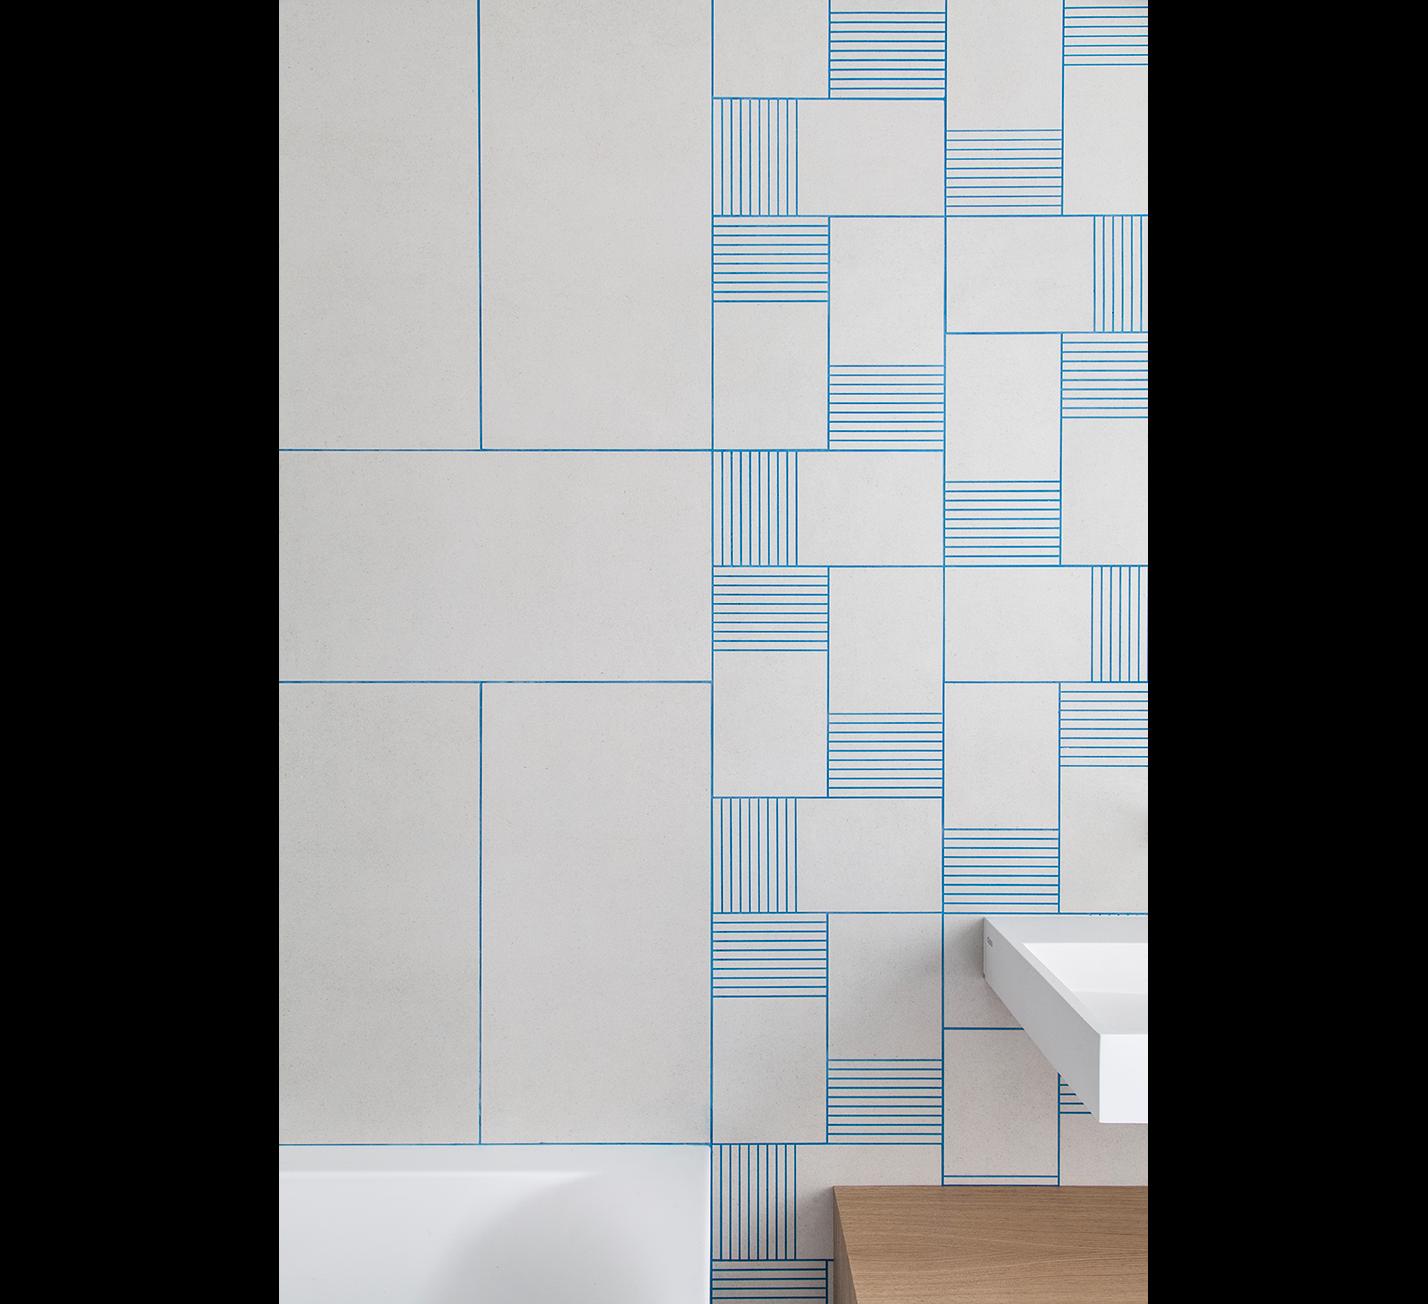 Projet-Pigalle-Atelier-Steve-Pauline-Borgia-Architecture-interieur-01